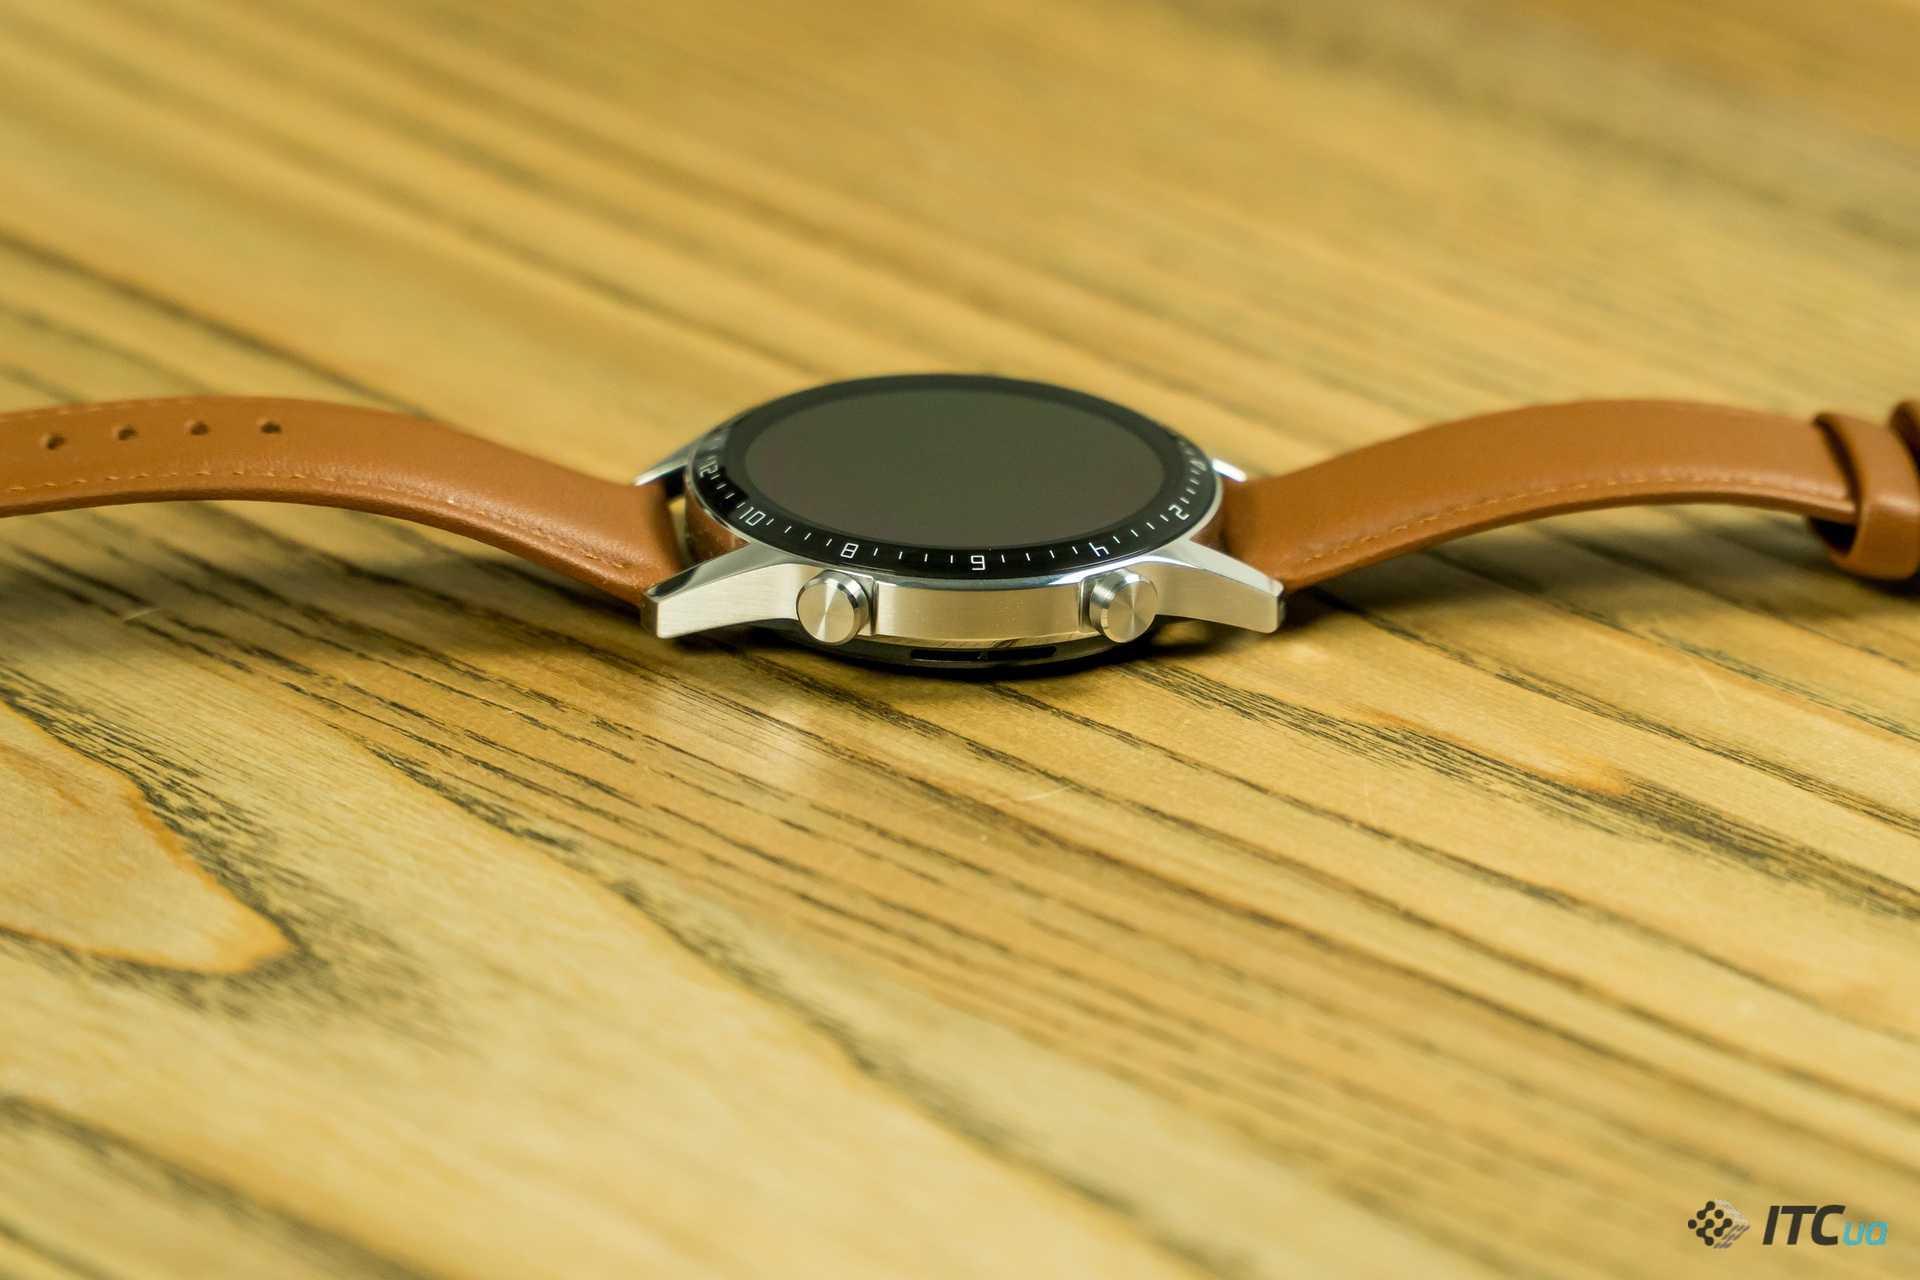 Обзор huawei watch gt 2: умные часы с автономной работой до двух недель